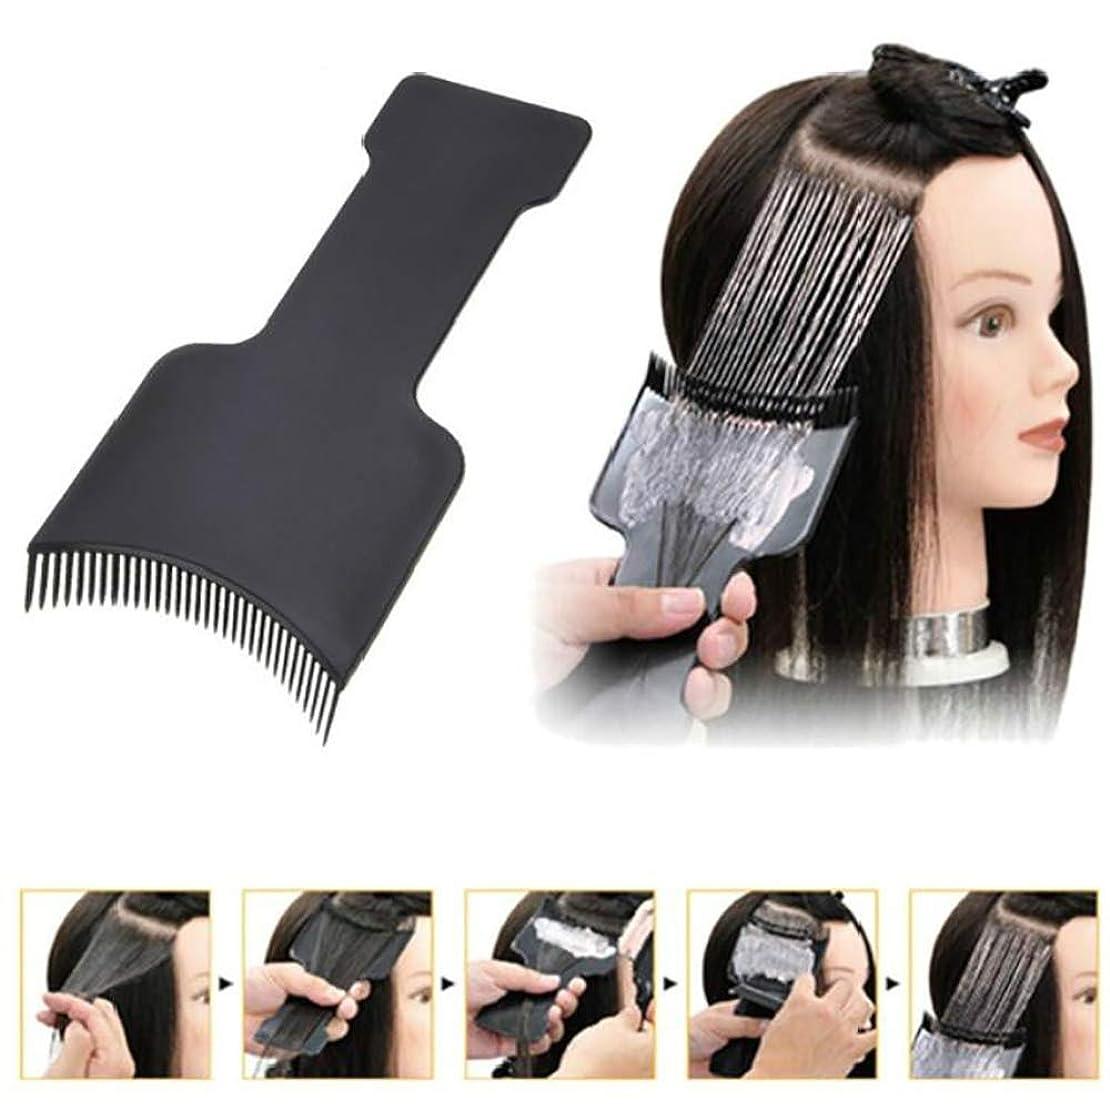 排泄する遠いコードレスプロのファッション理髪ヘアアプリケータブラシ調剤サロンヘアカラーリング染色ピックカラーボードヘアスタイリングツール (M,ブラック)